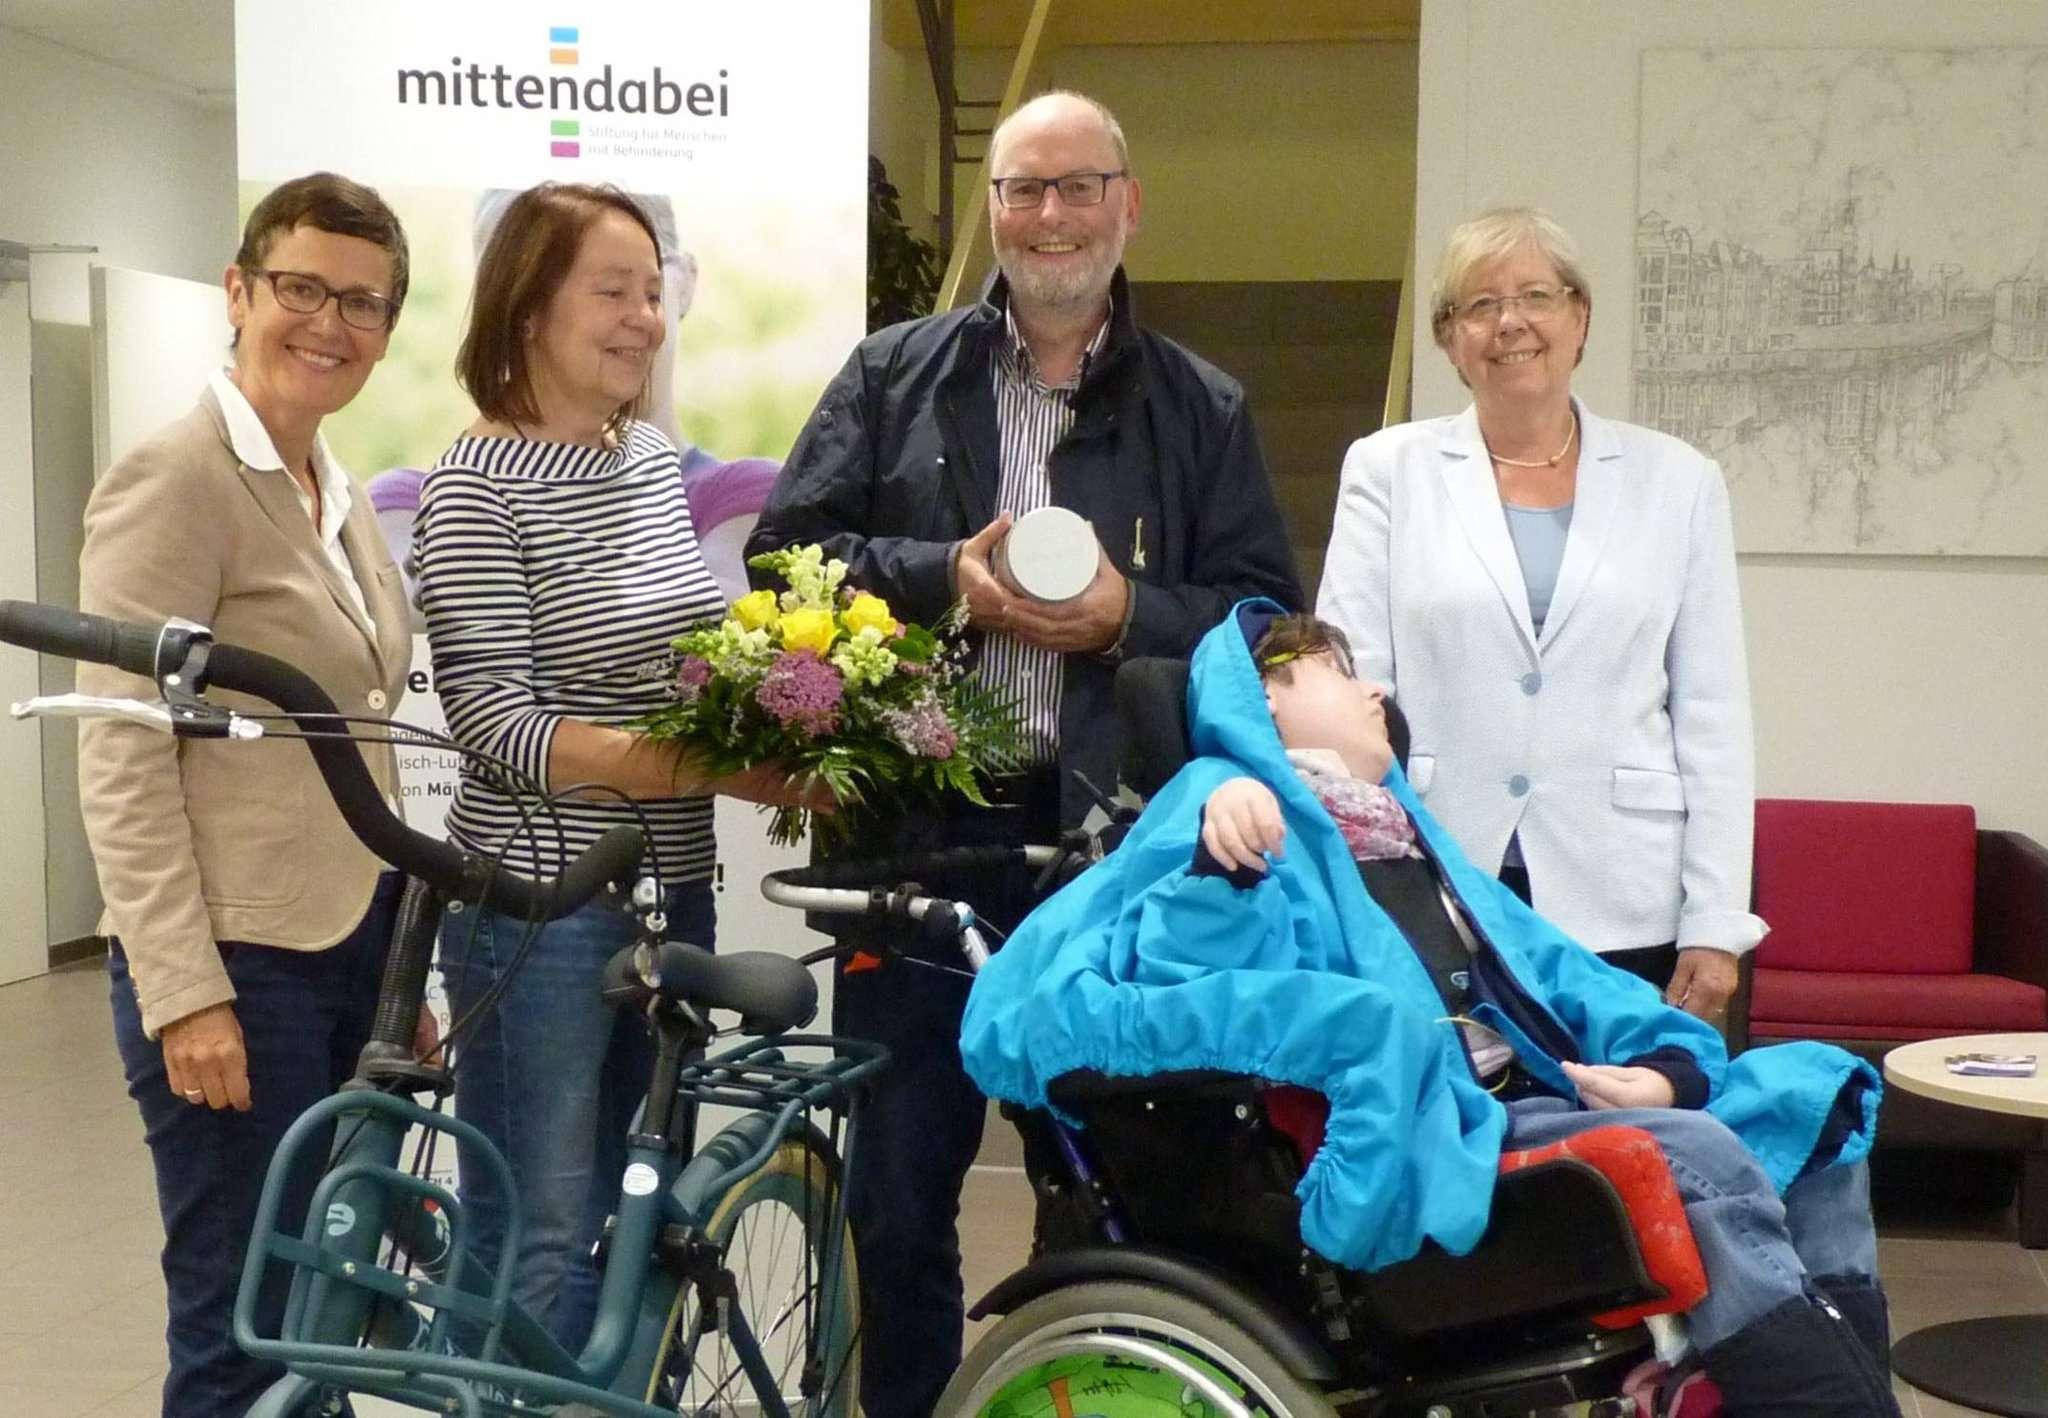 Familie Kellermeier freut sich über ihr neues Fahrrad: Silke Sackmann (von links), Annette, Lutz und Alessa Kellermeier mit Jutta Wendland-Park.